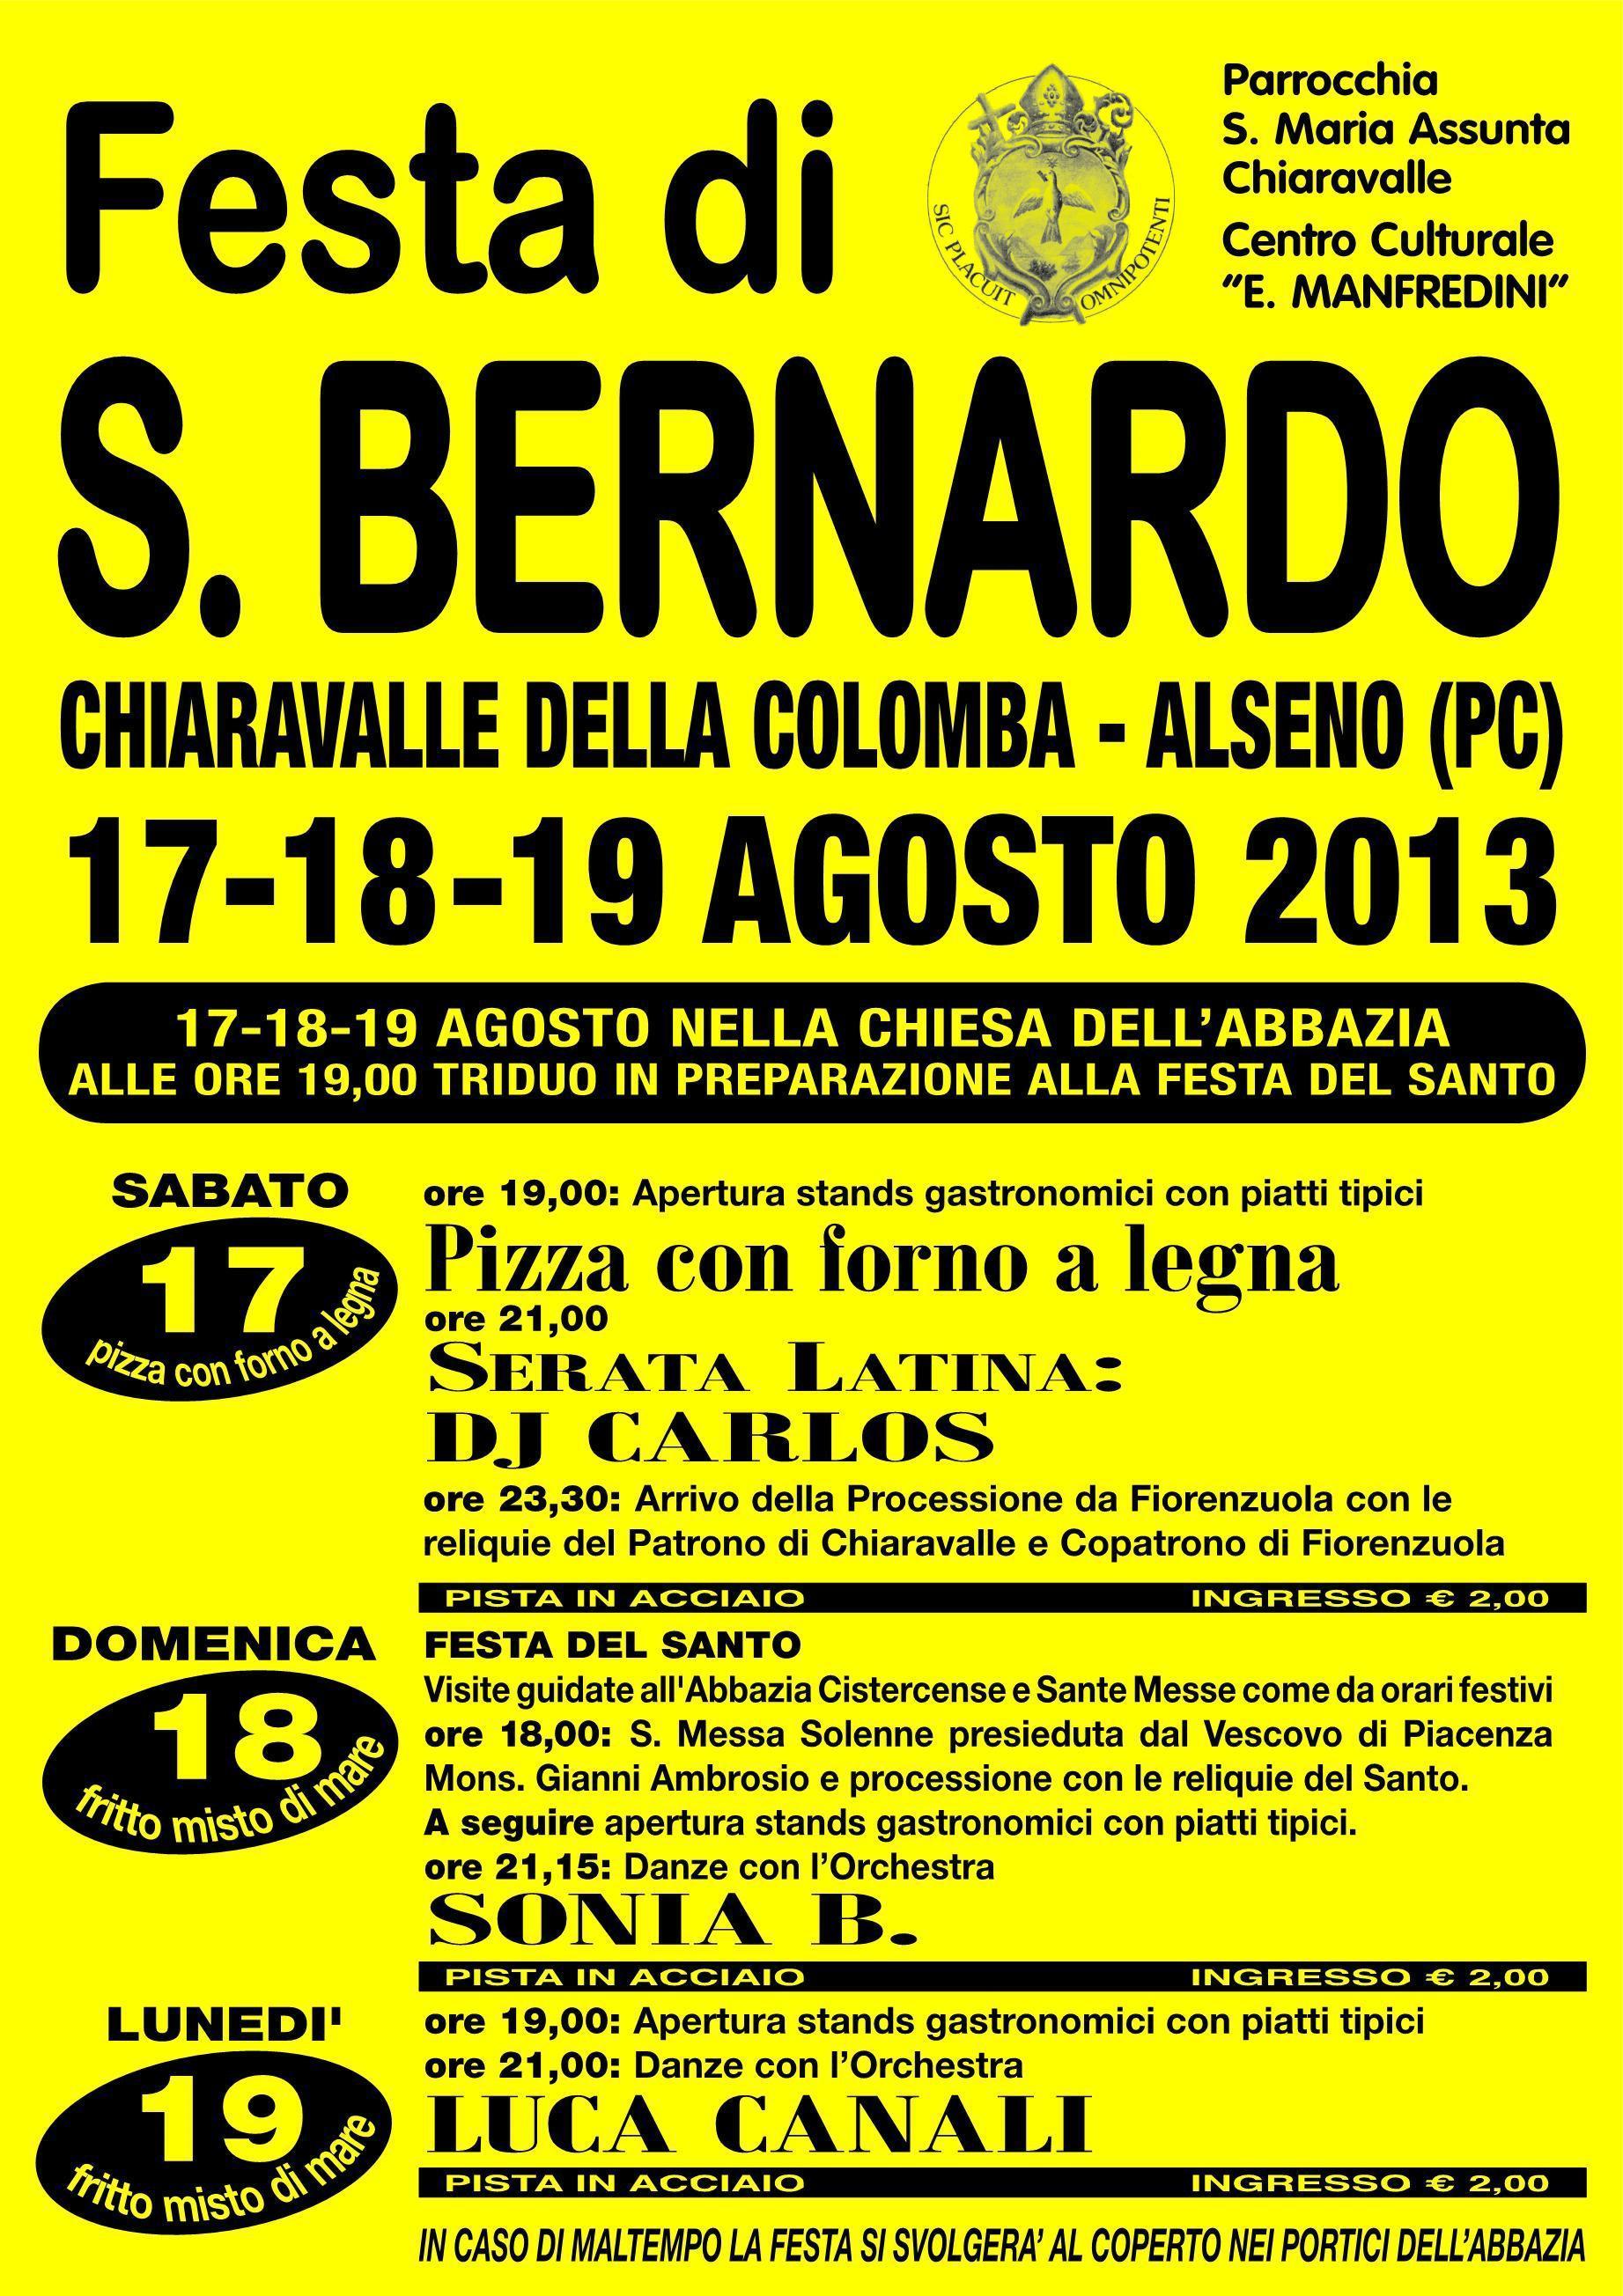 Festa di San Bernardo 2013, dal 17 al 19 agosto ad Alseno (PC) thumbnail